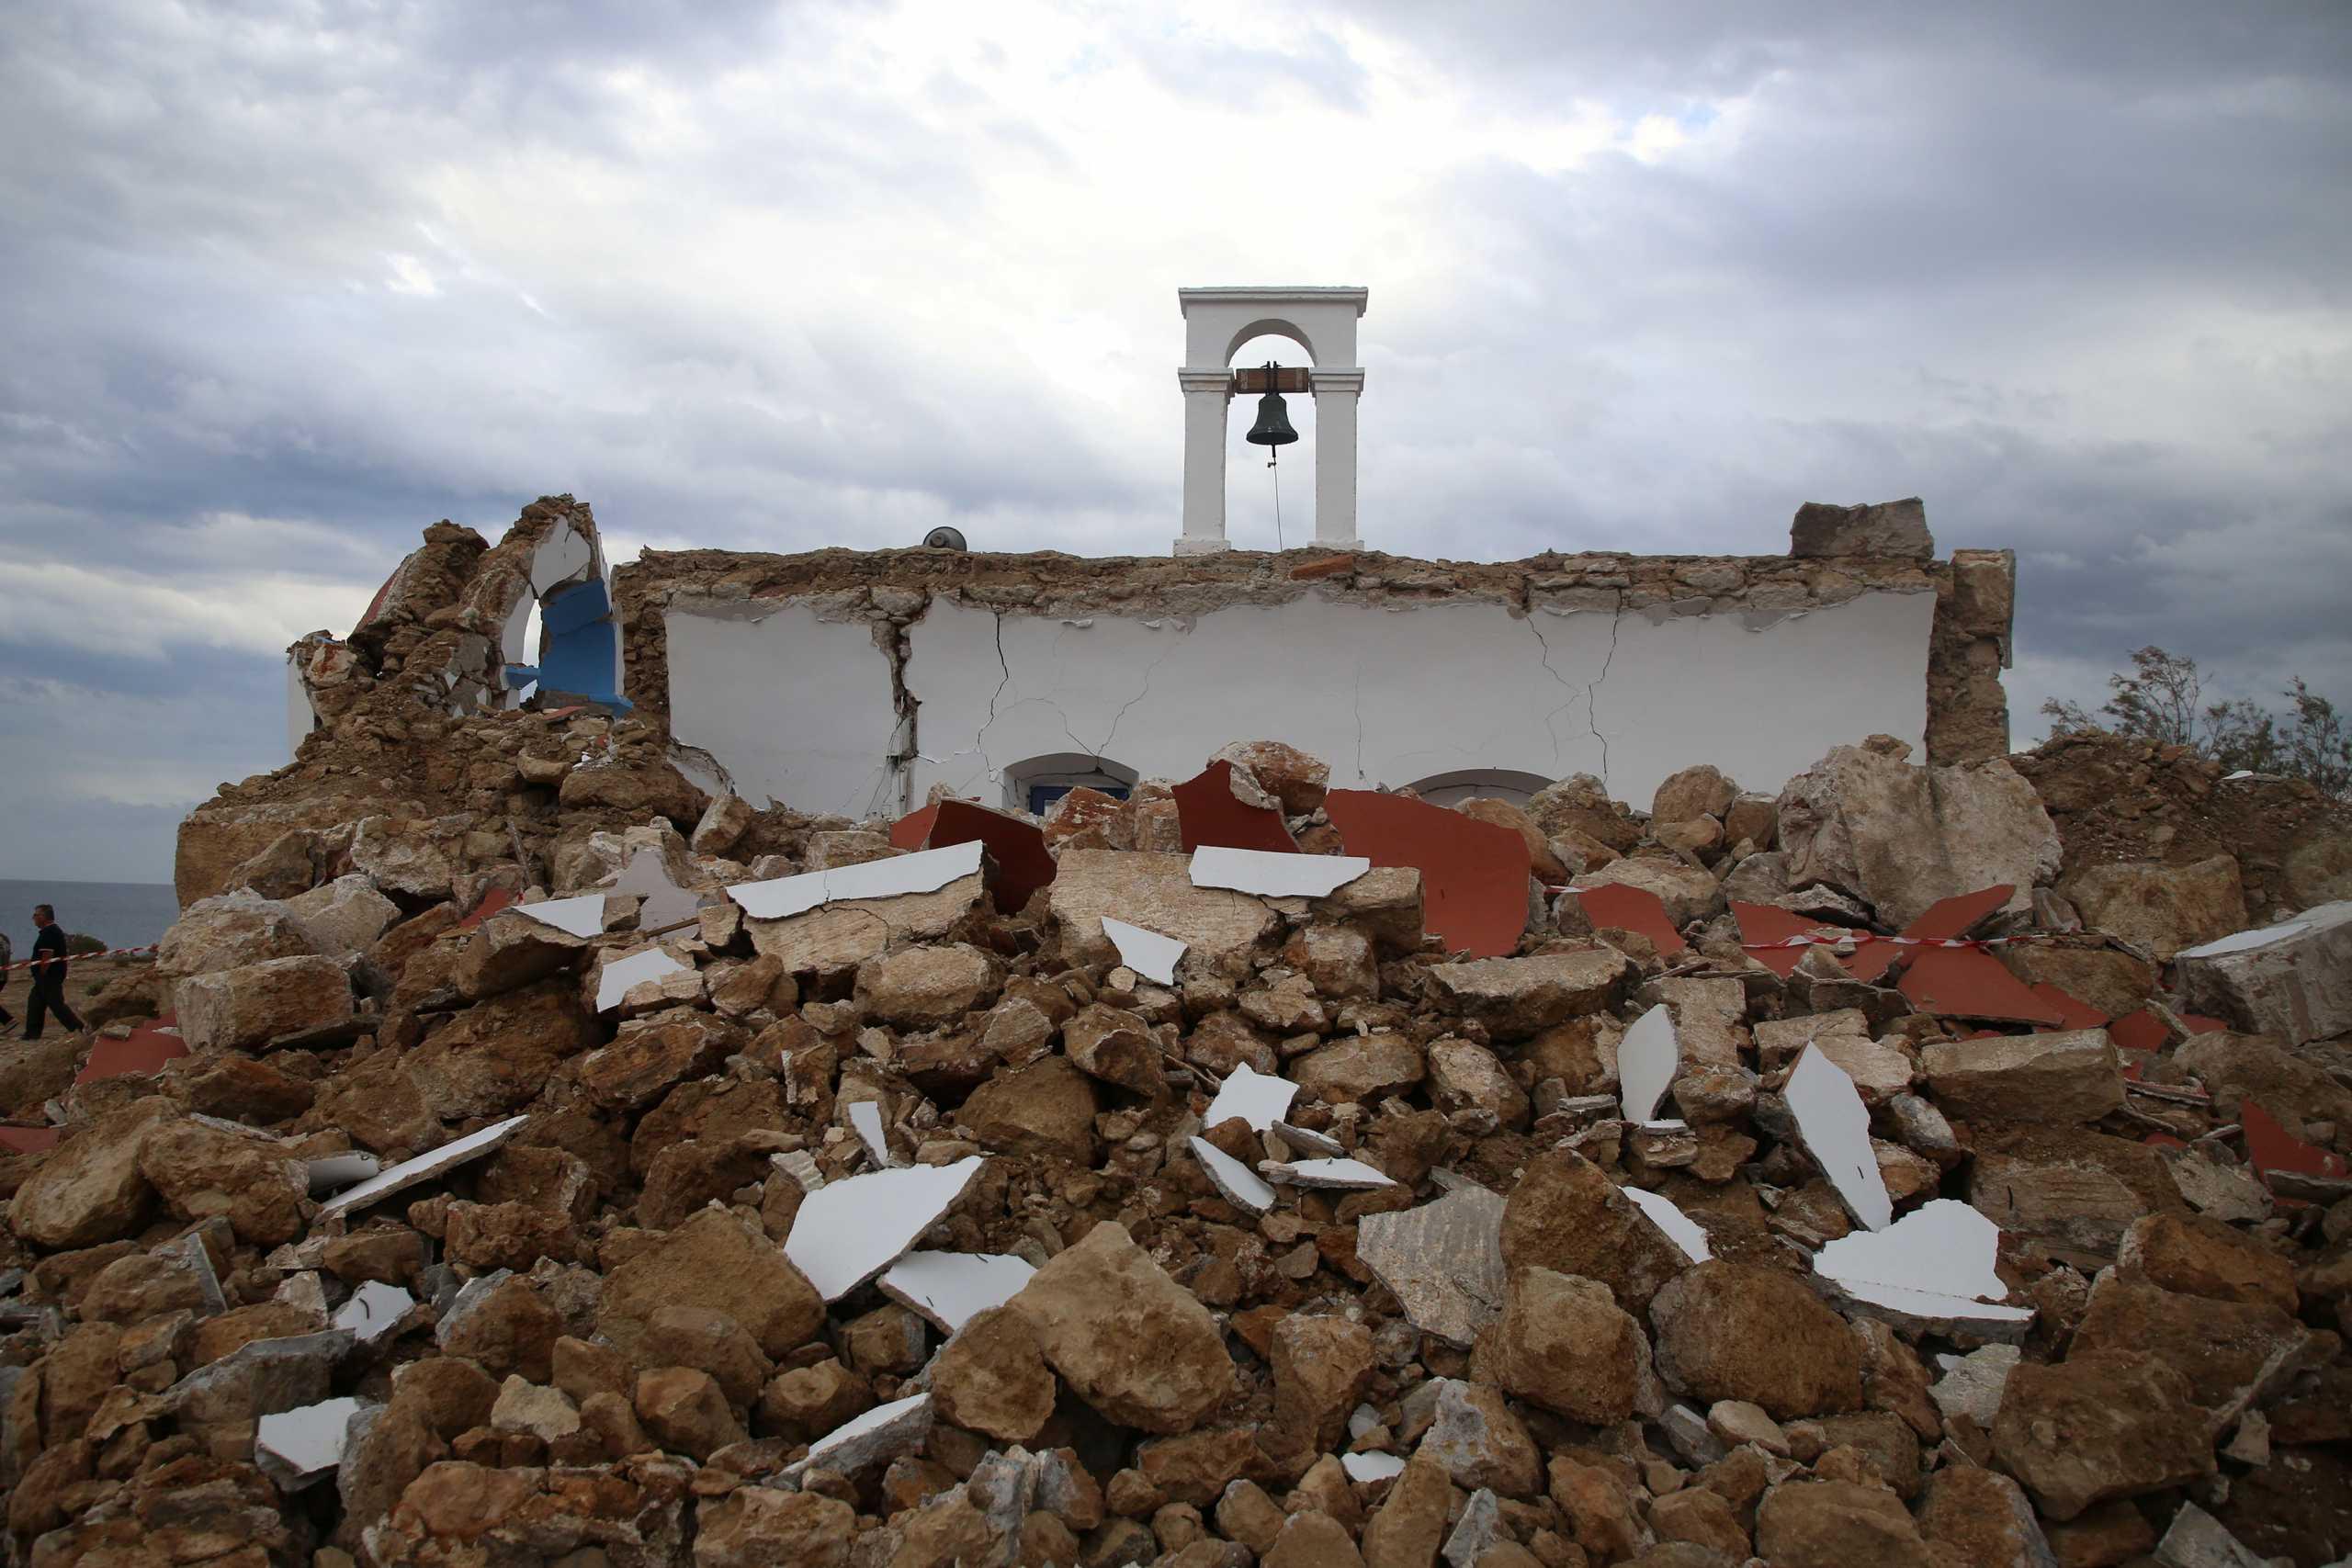 Σεισμός στην Κρήτη: Γιατί γλίτωσε το νησί από μεγάλες ζημιές – Περιμένουν μετασεισμό 5,6 Ρίχτερ